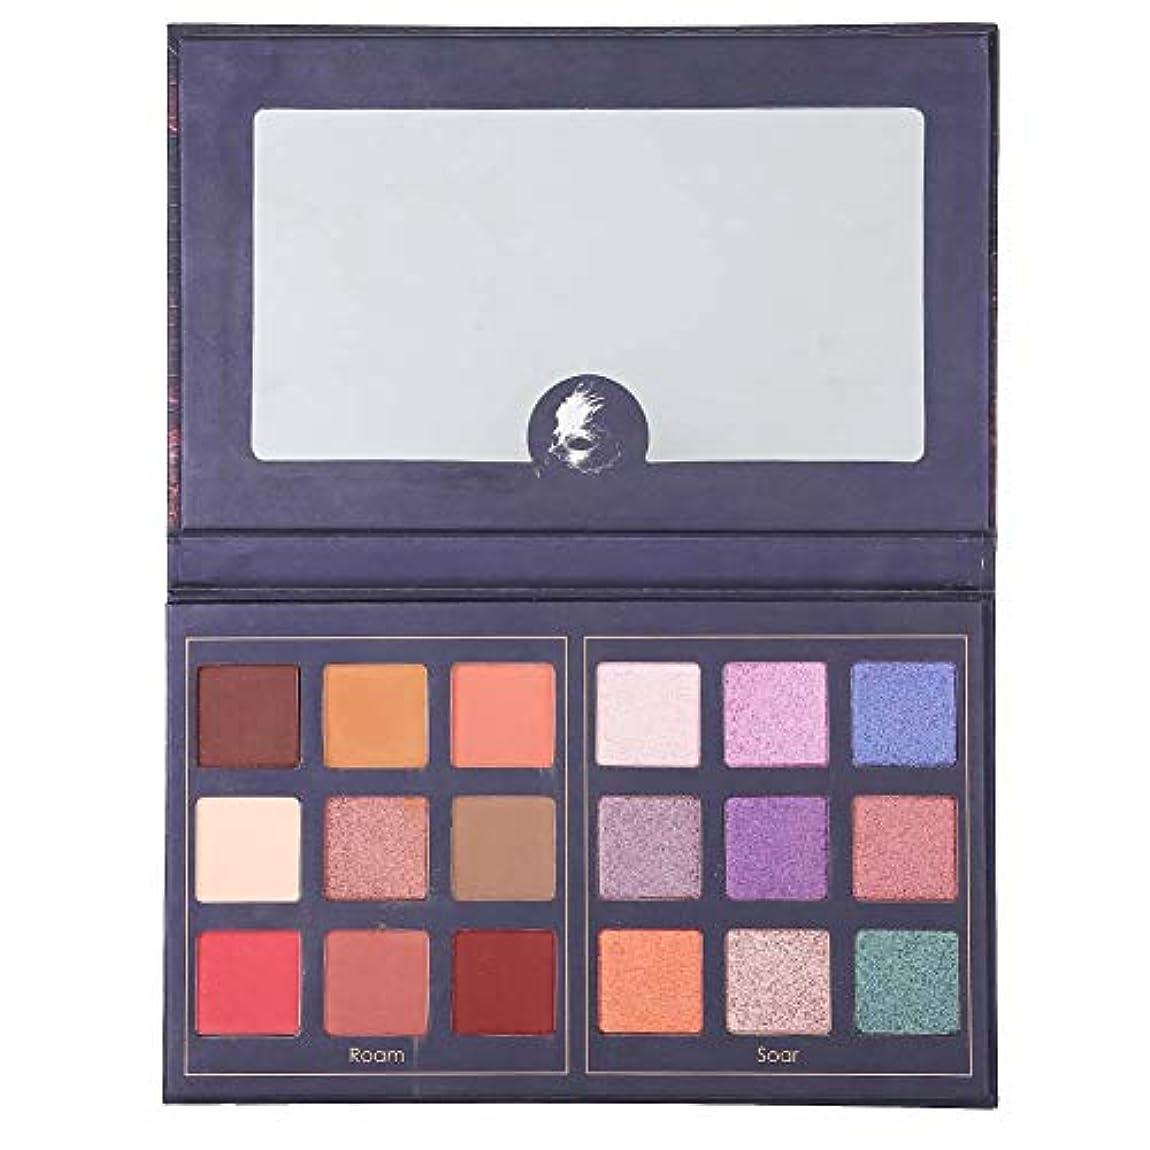 アイシャドウパレットグリッター 18色 美しい 化粧品アイシャドウ化粧パウダー